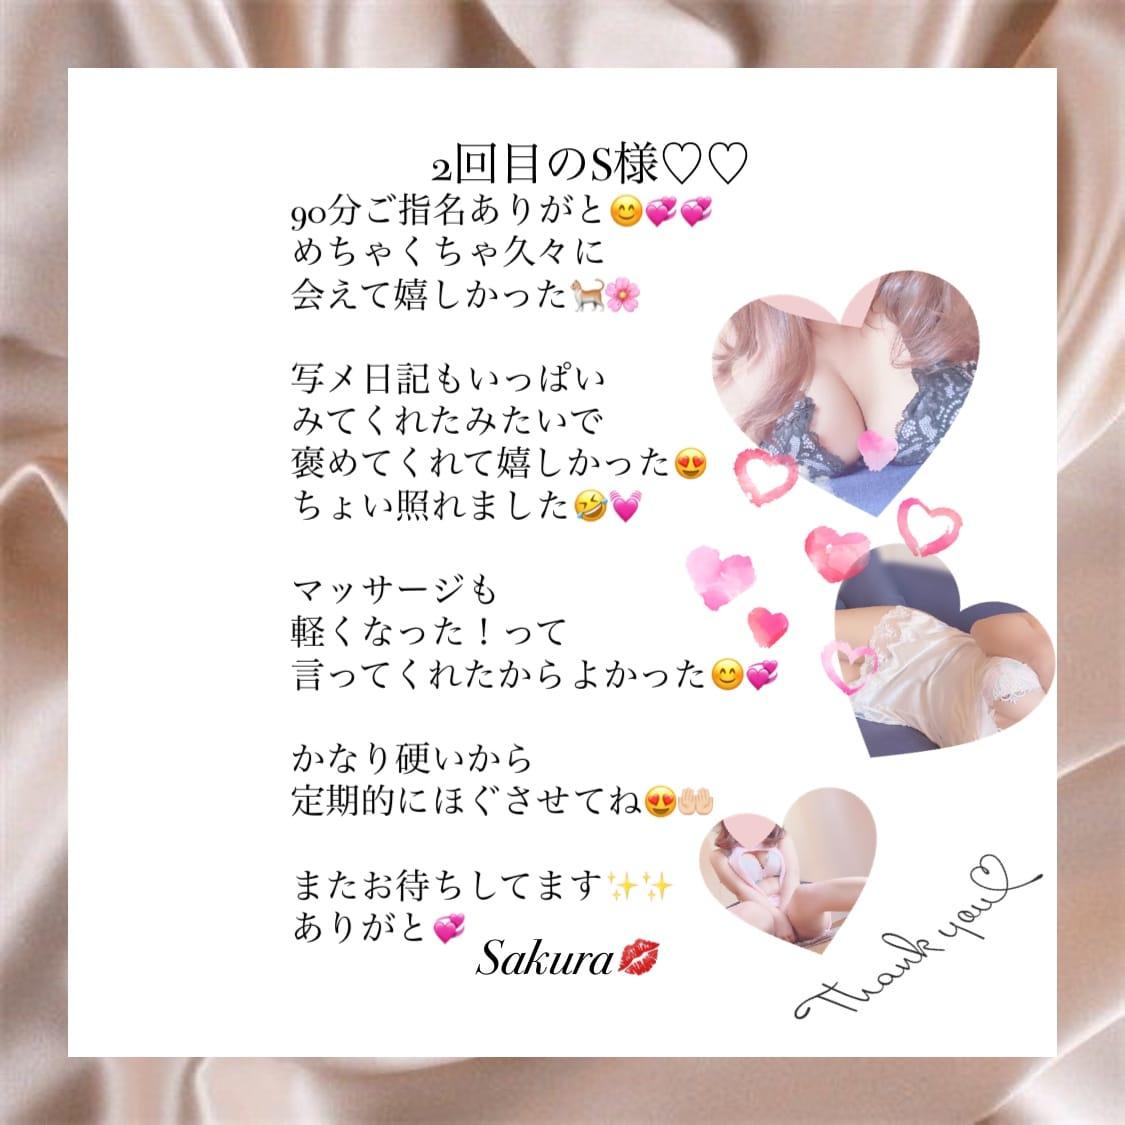 ♡さくら♡ 福岡市・博多メンズエステの最新写メ日記